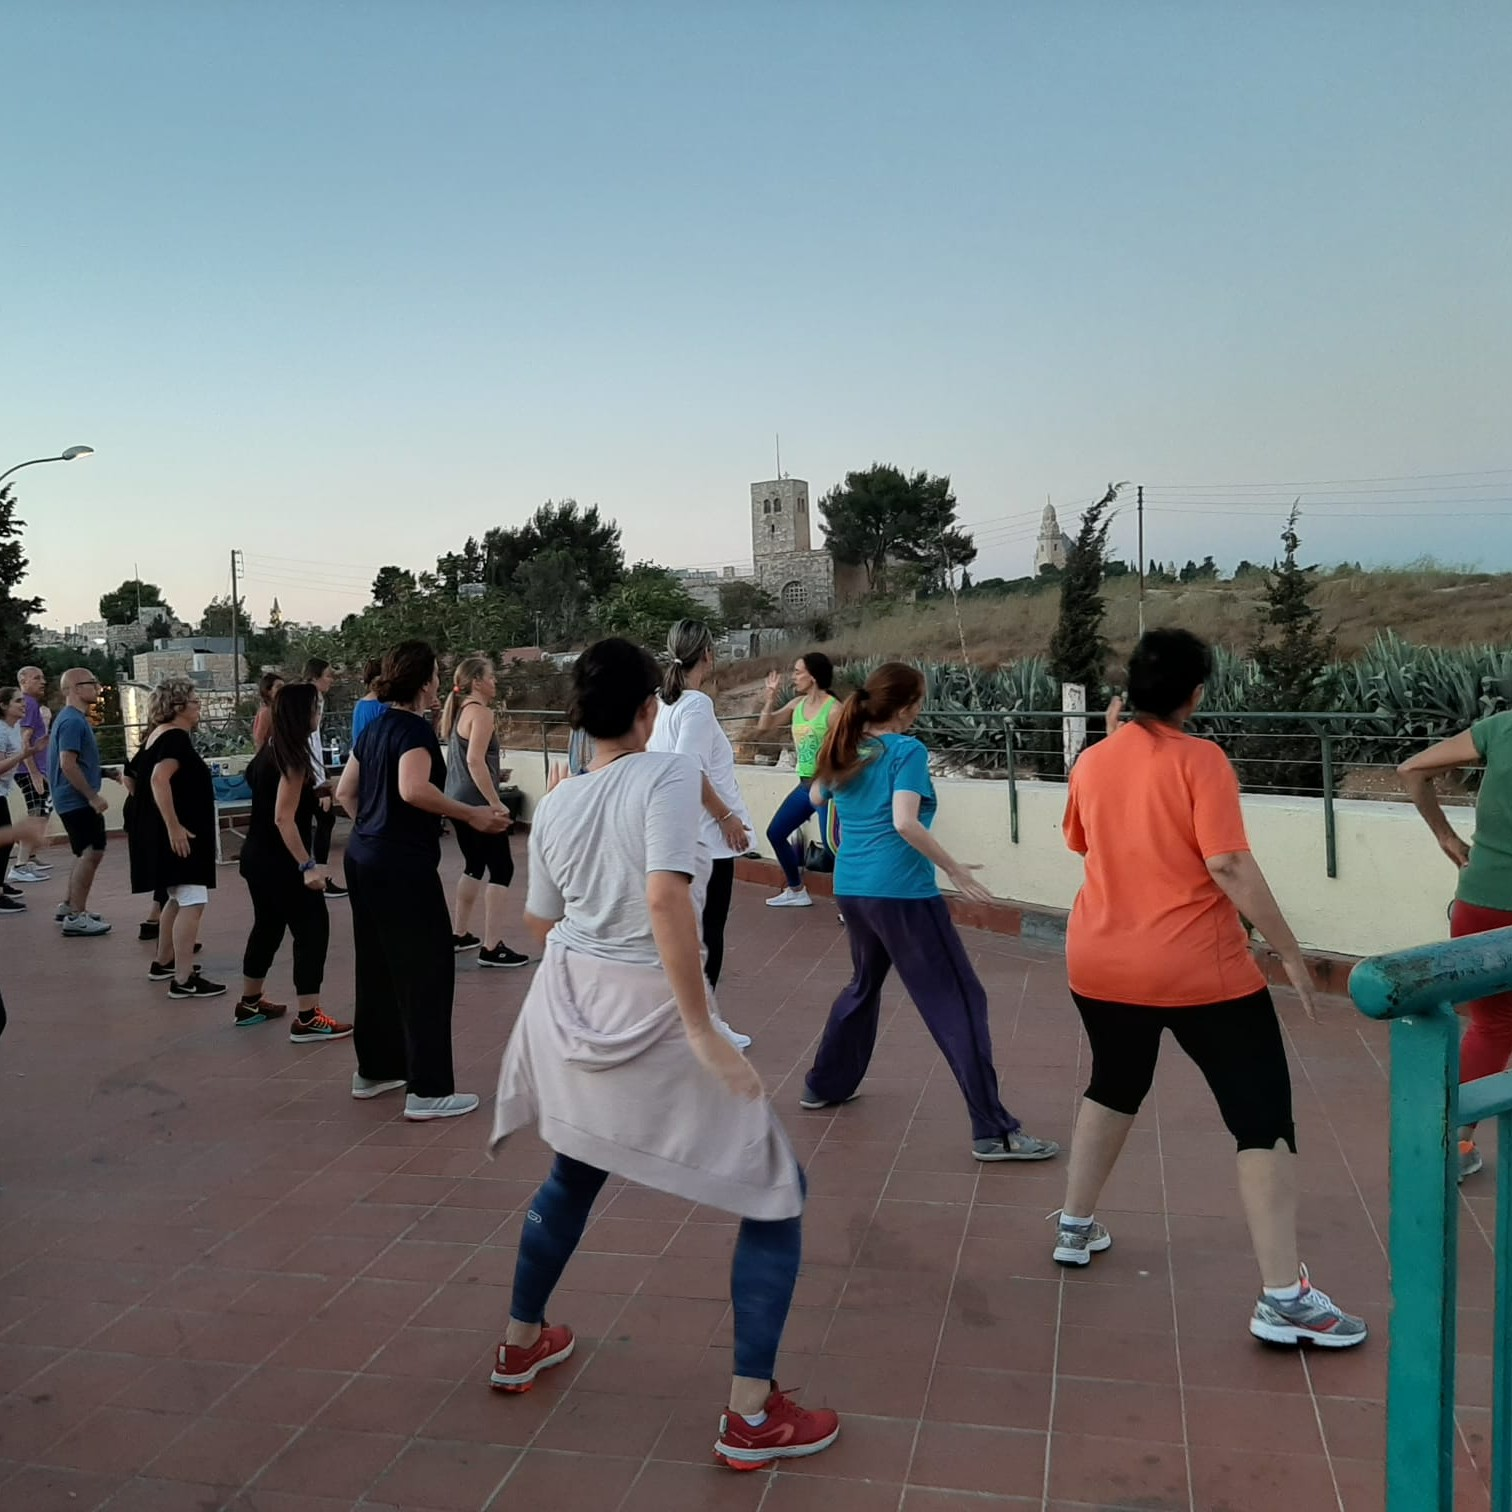 זומבה בירושלים - התחנה הראשונה